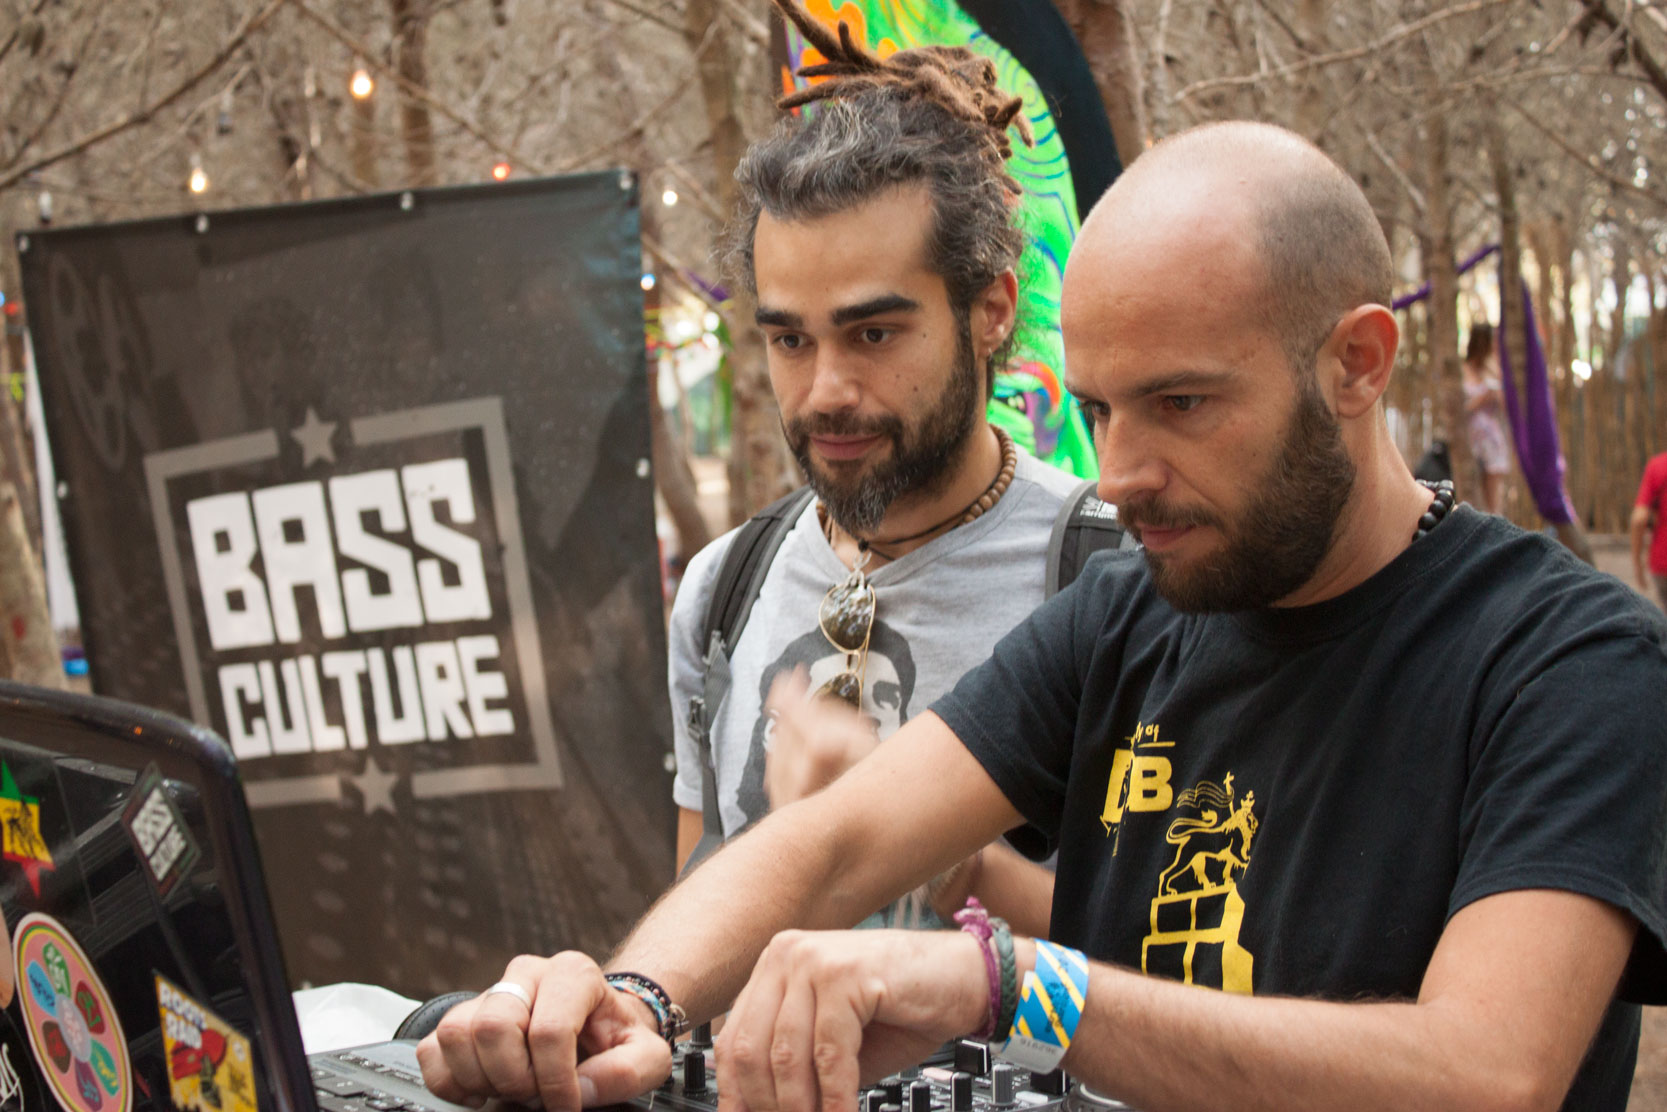 Bass-Culture-Earth-Garden-2014-01